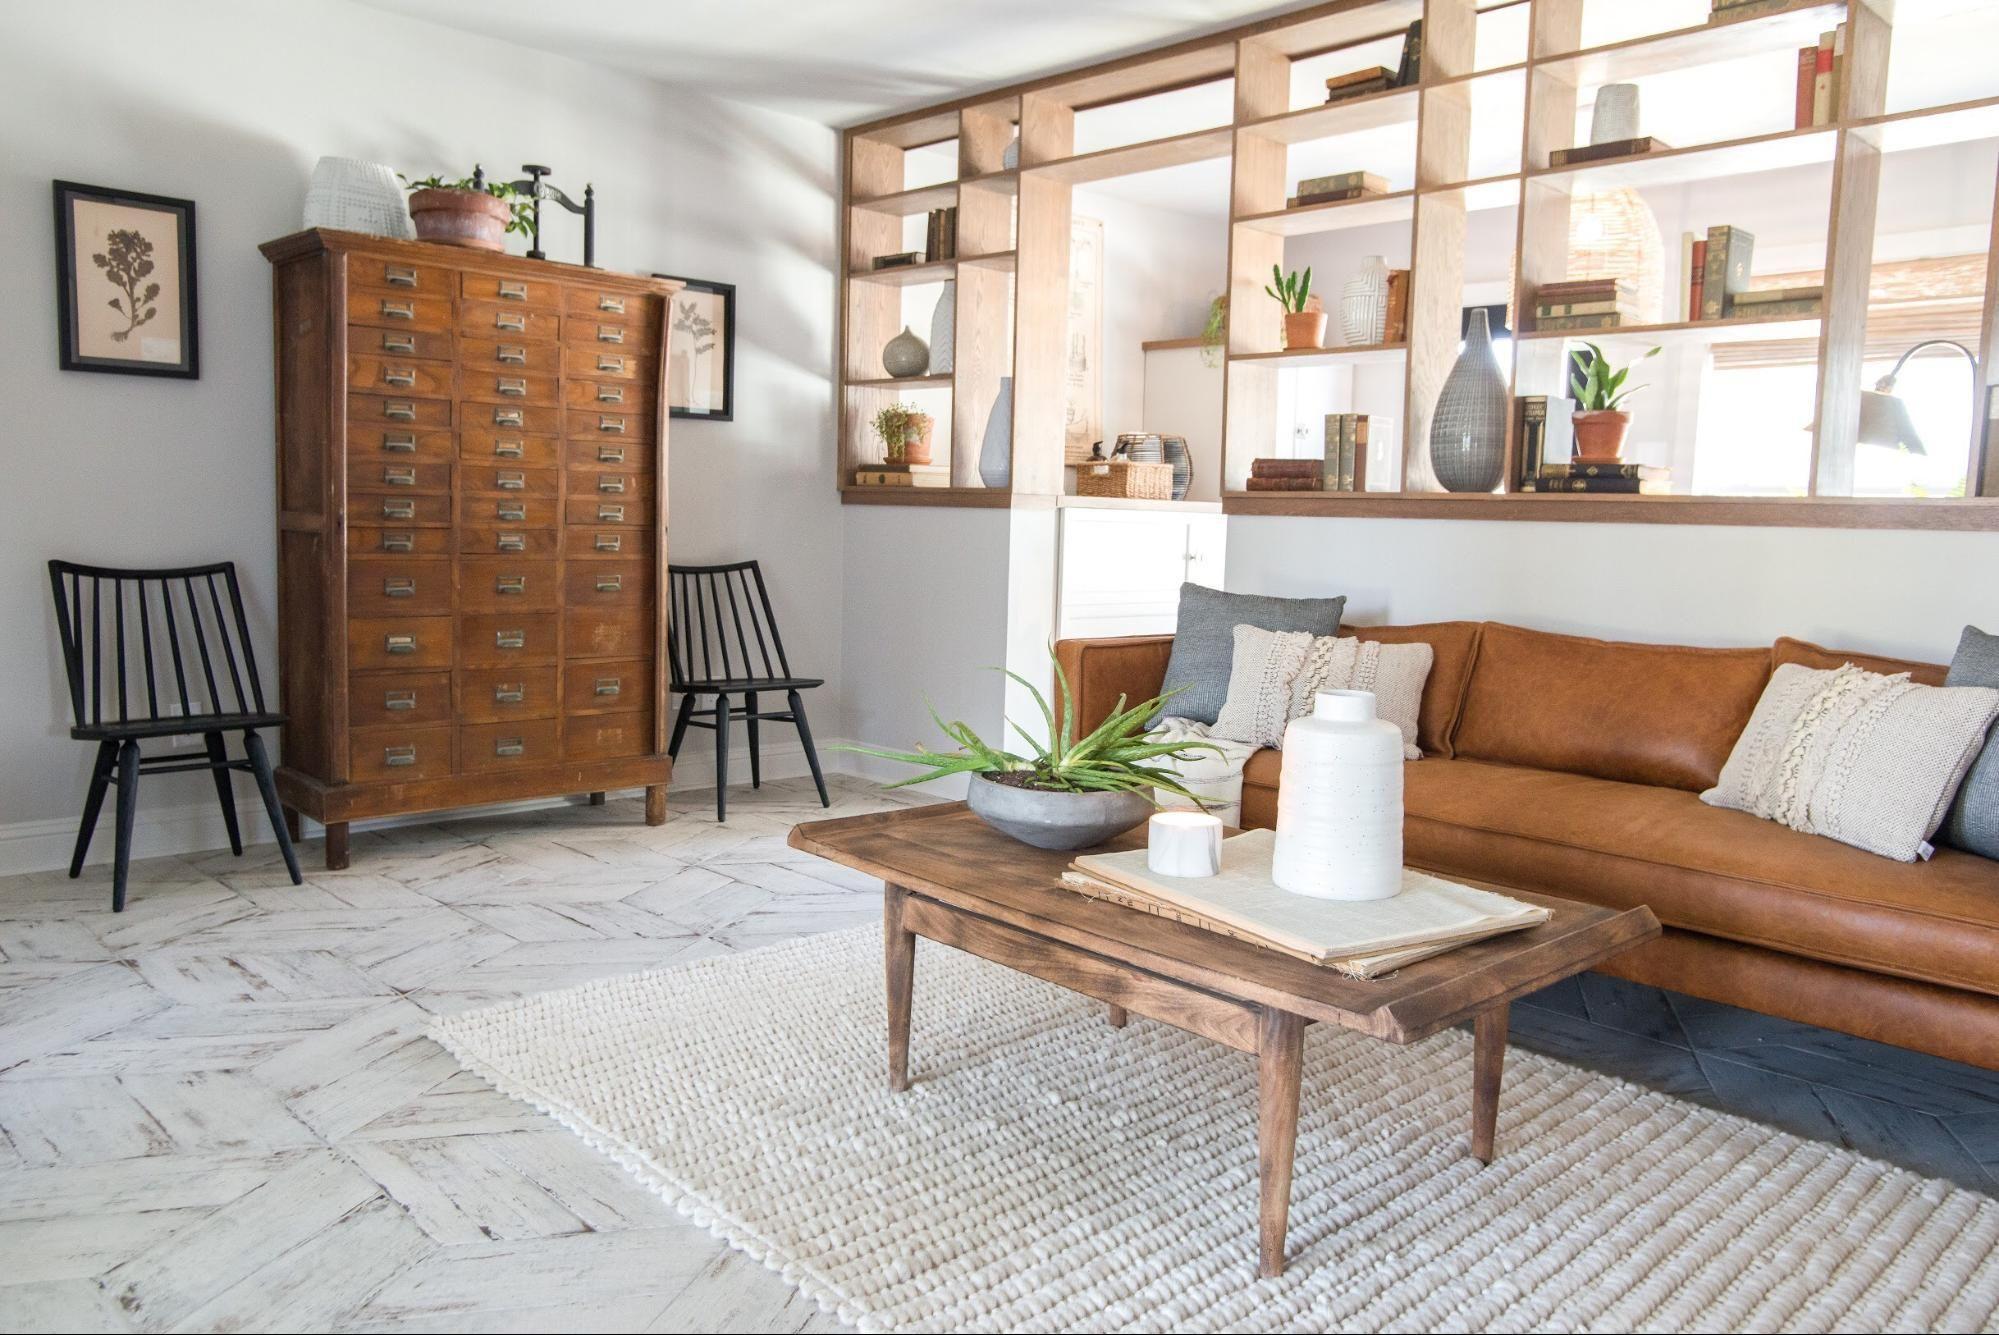 Fixer Une Tv Au Mur episode 5: season 5 in 2020   sunken living room, wall